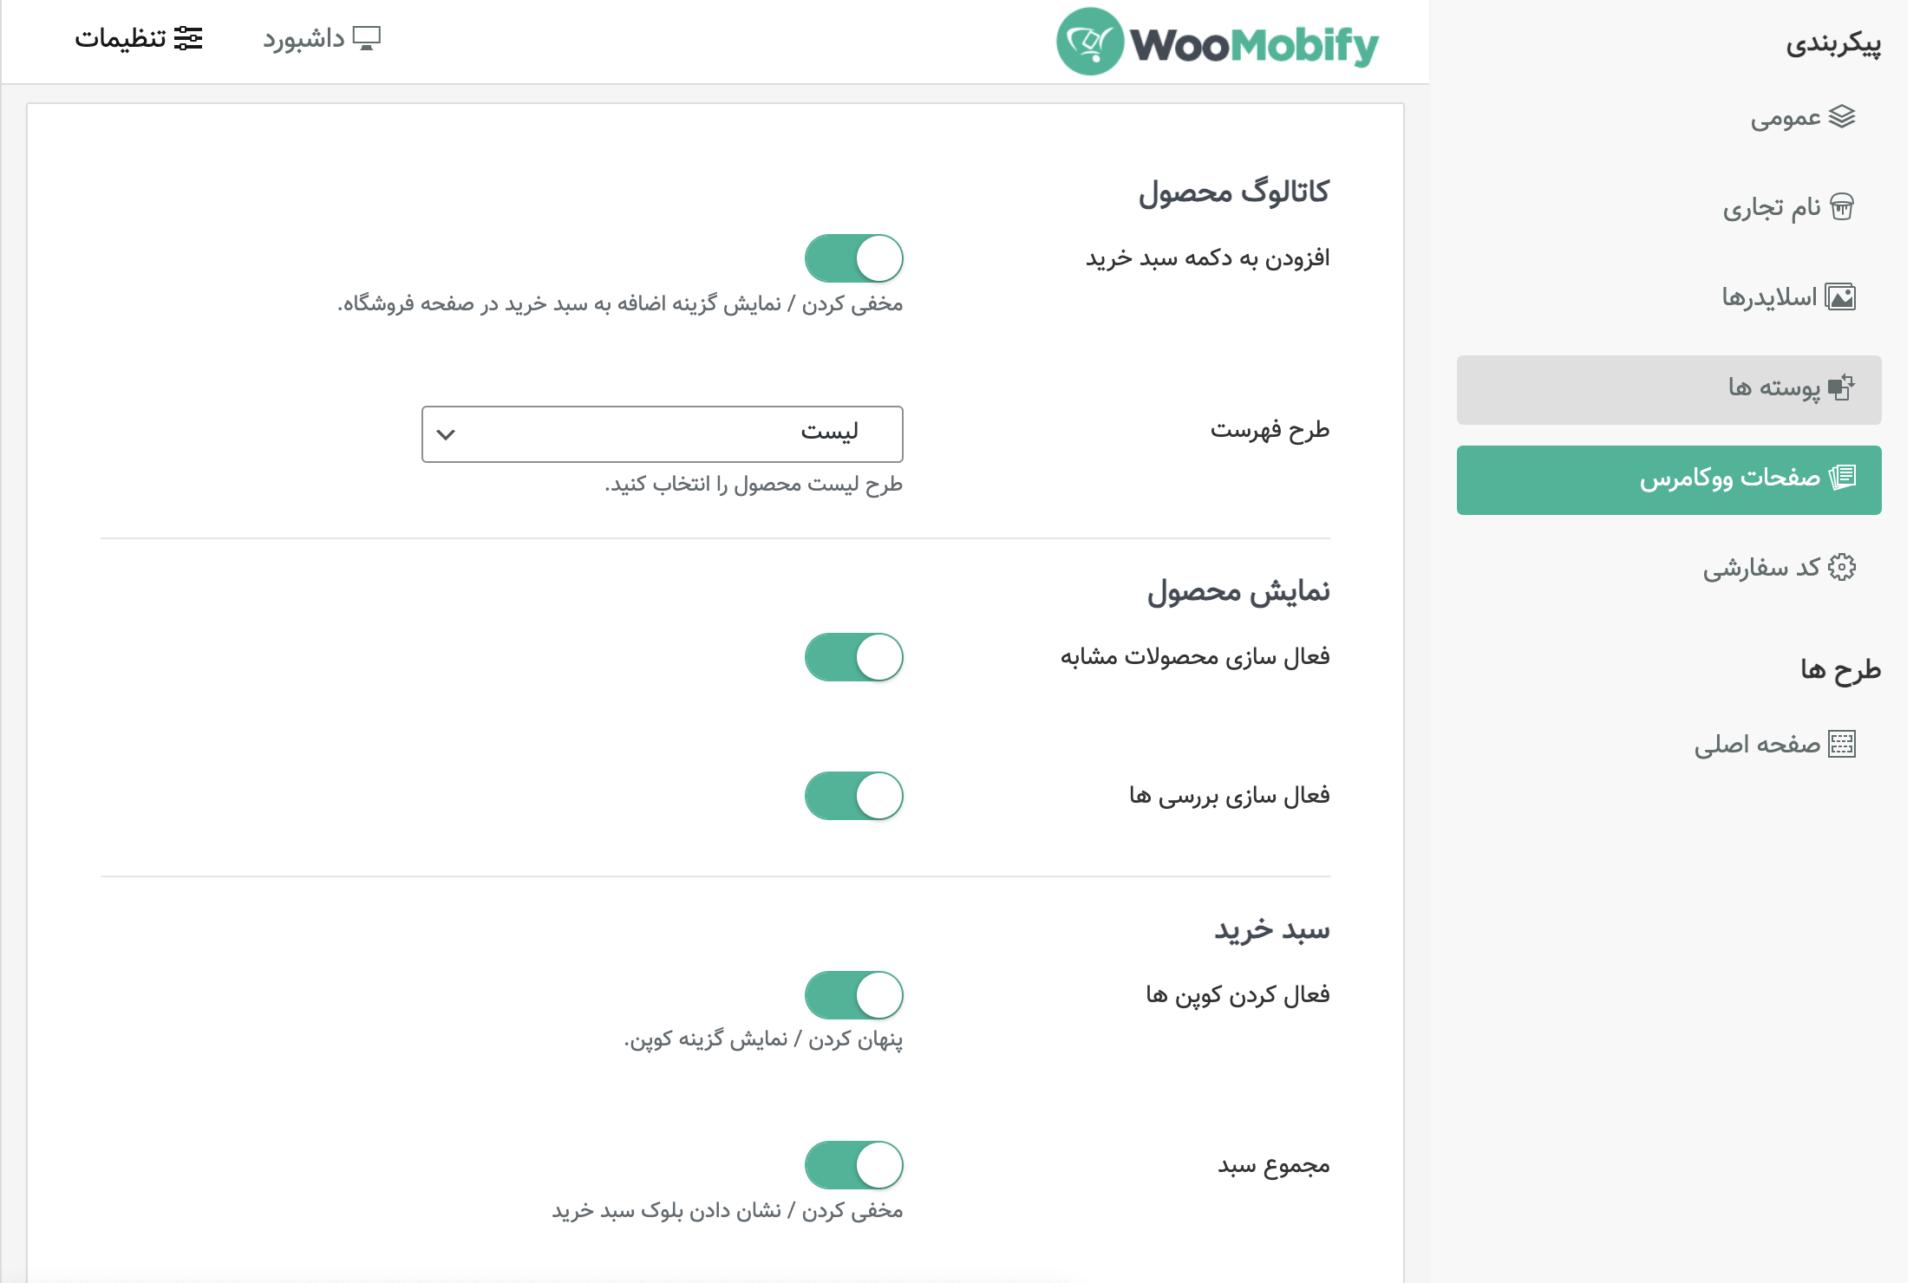 افزونه WooMobify   قالب نسخه موبایل ووکامرس   افزونه قالب موبایل   افزونه طراحی نسخه موبایل   افزونه وو موبی فای